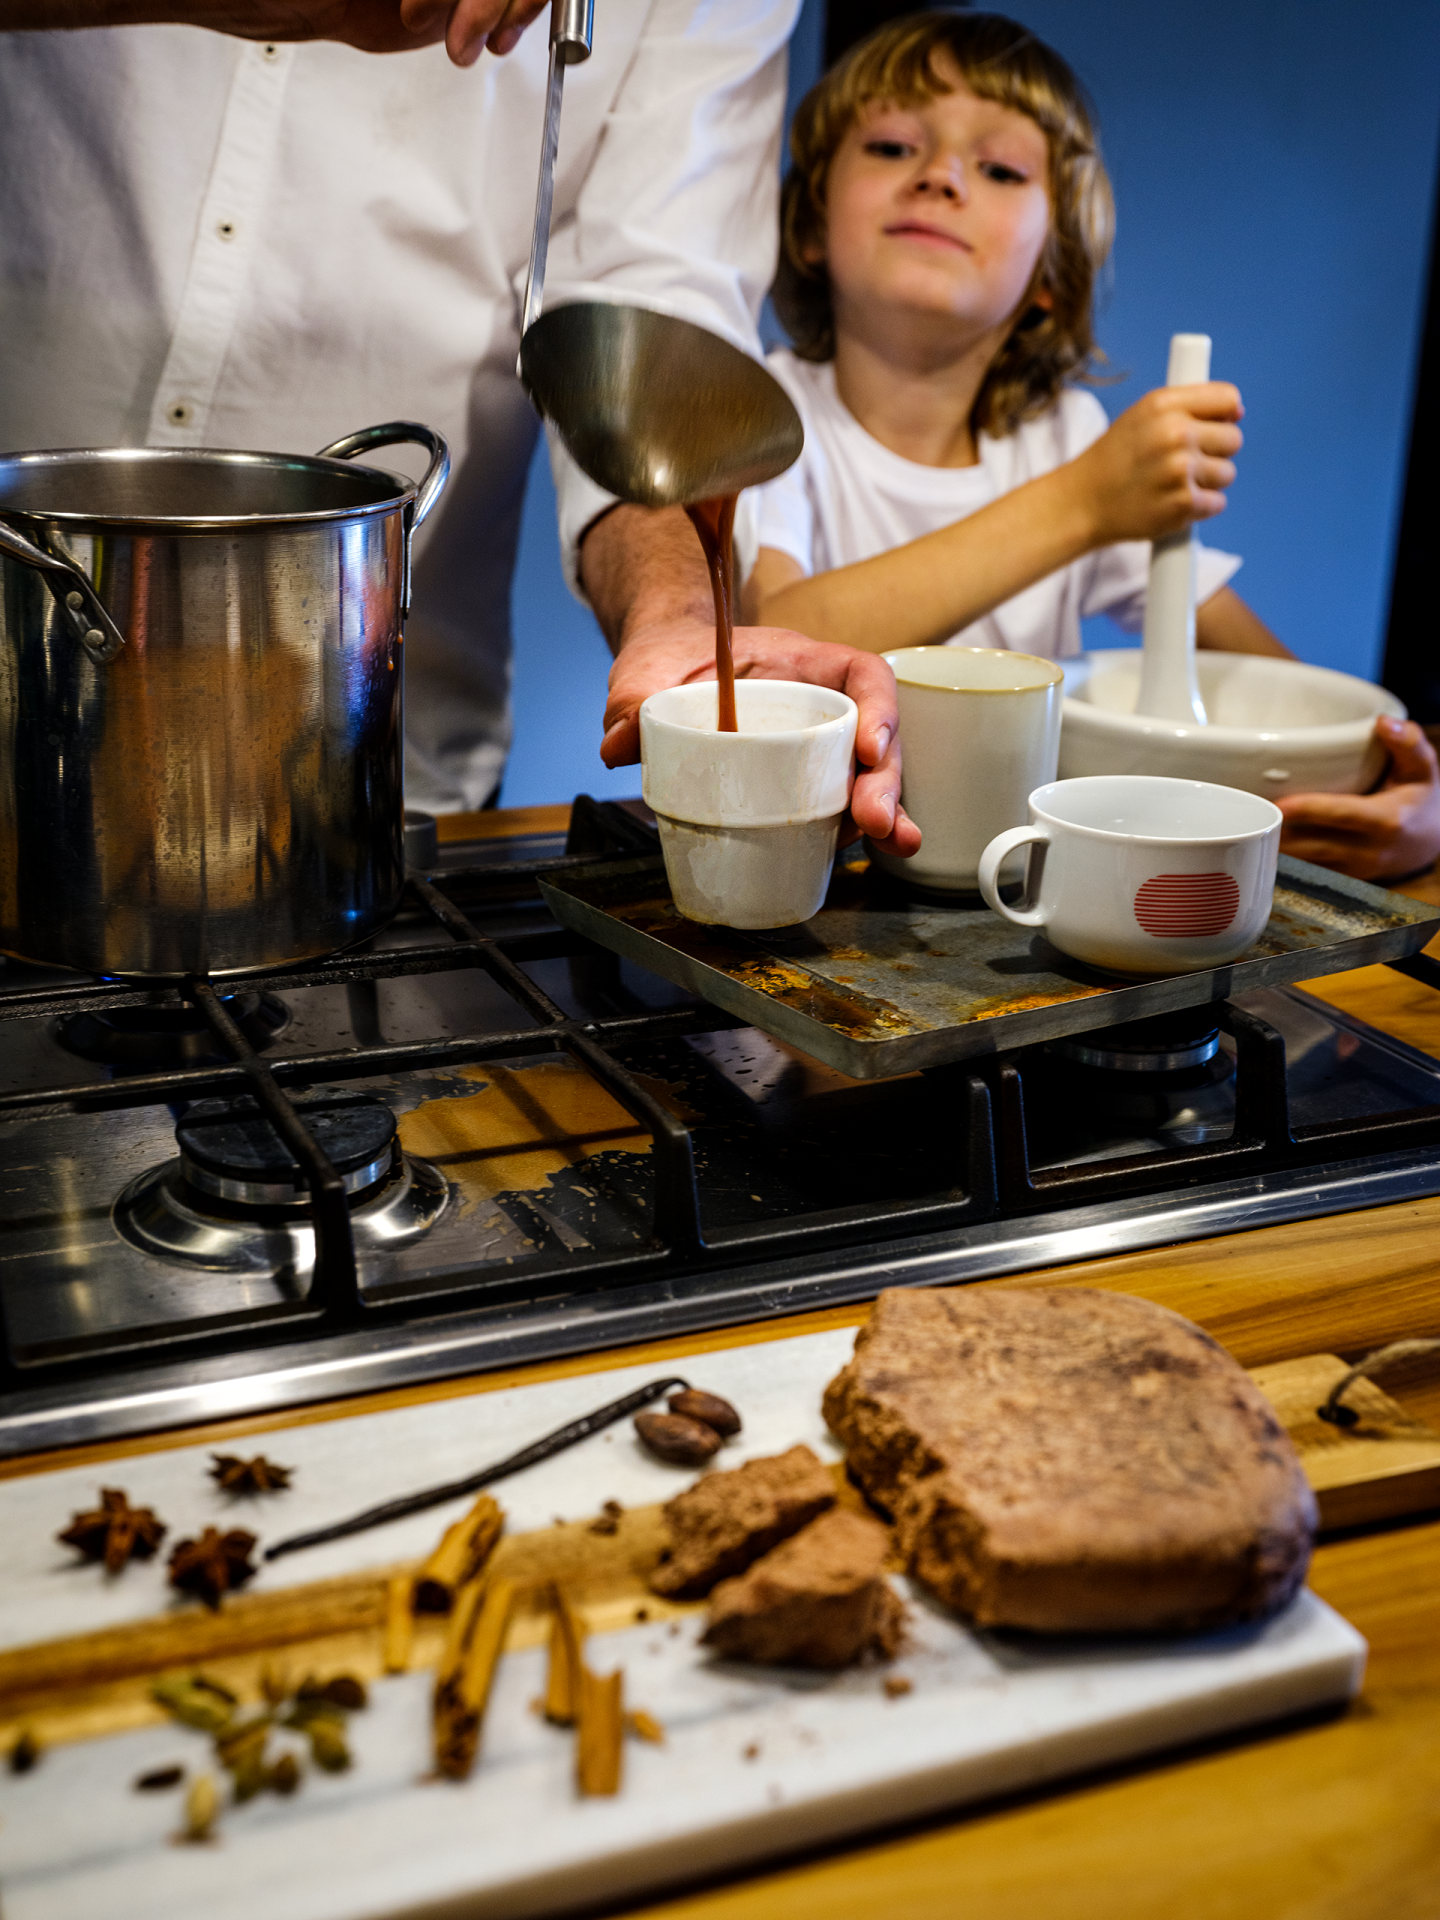 Sklep internetowey Chocante z prawdziwym i organicznym kakao ceremonialnym. Ma siedzibę w Krakowie.